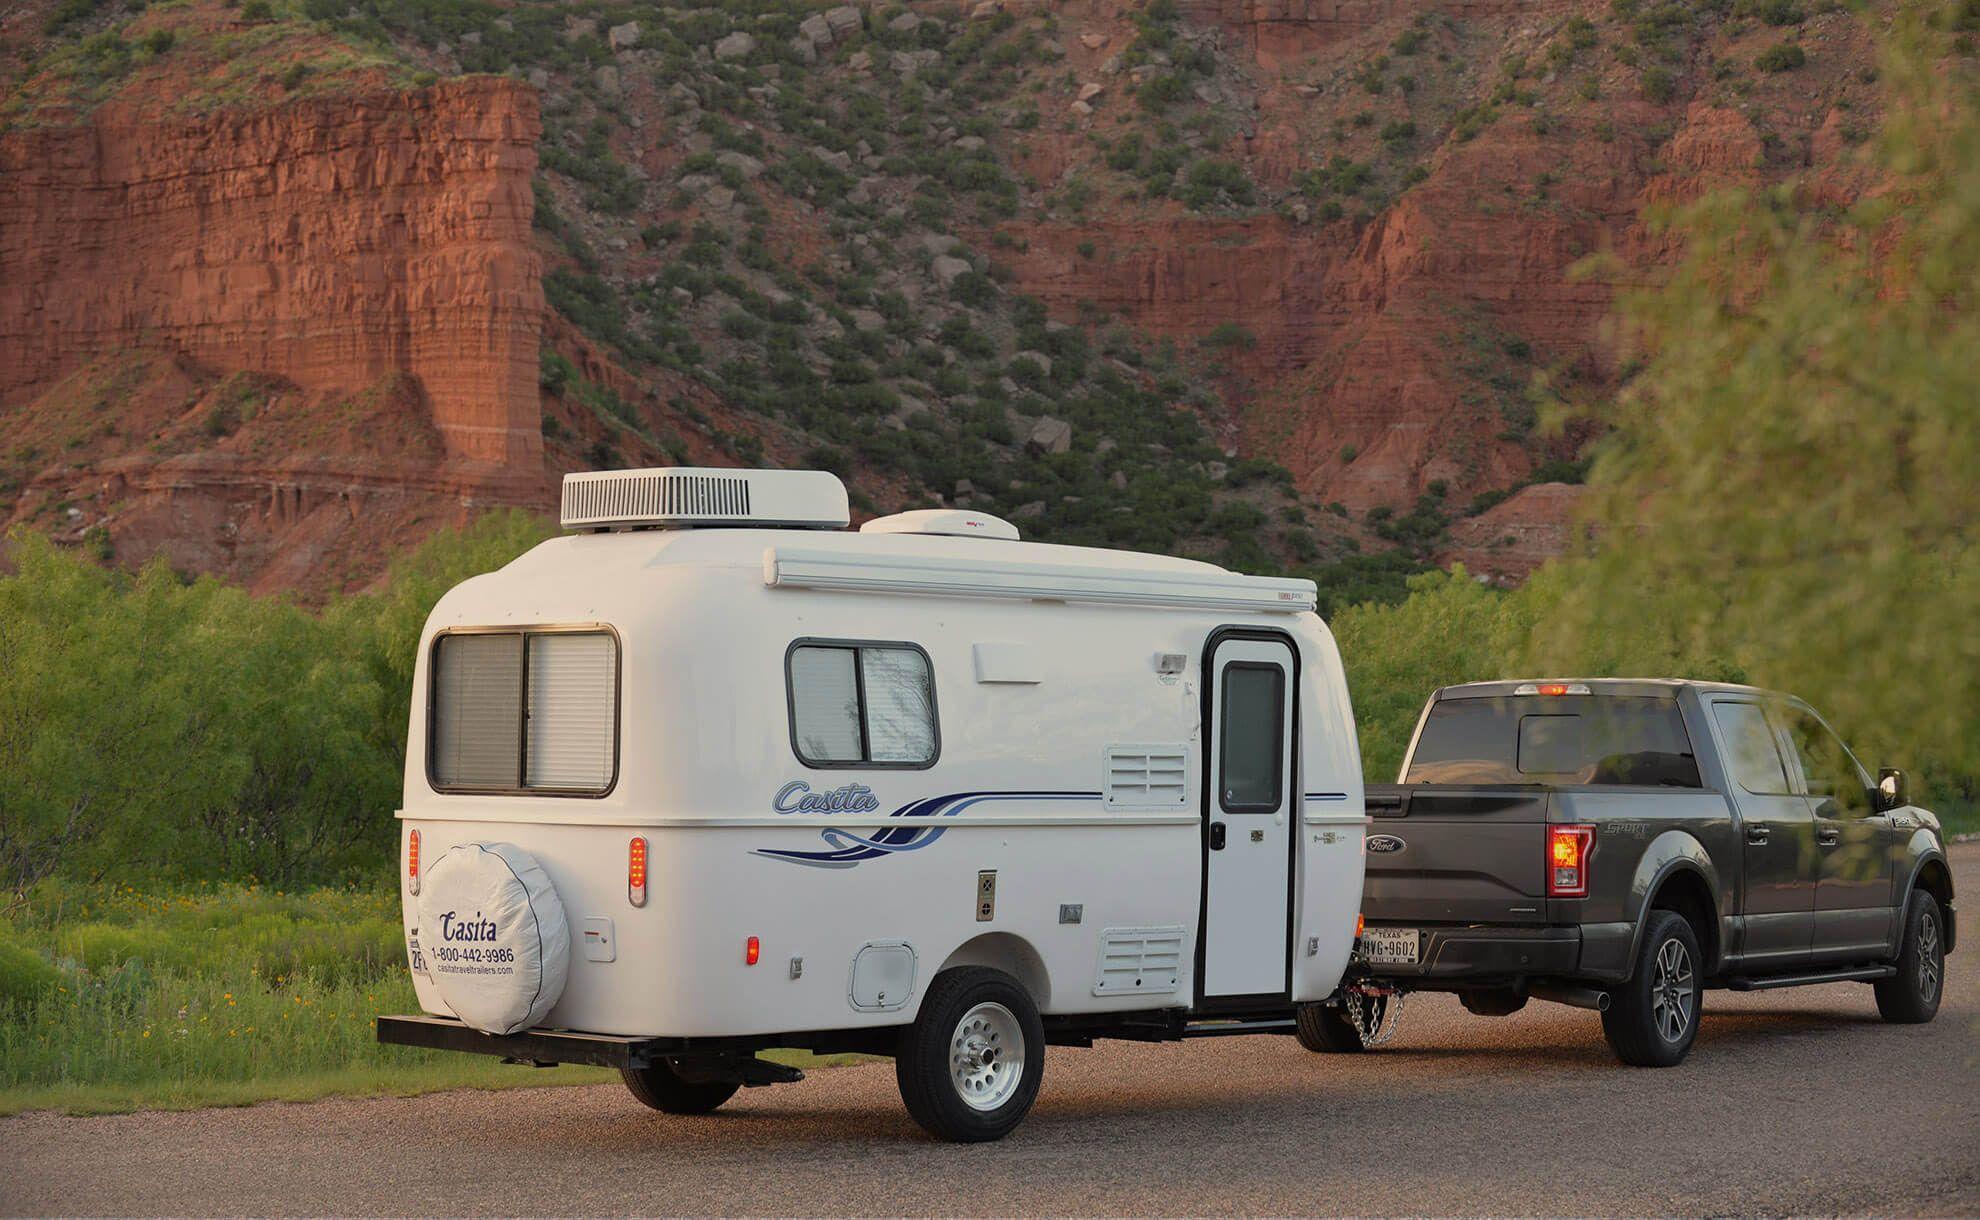 Casita | Small travel trailers, Casita travel trailers ...